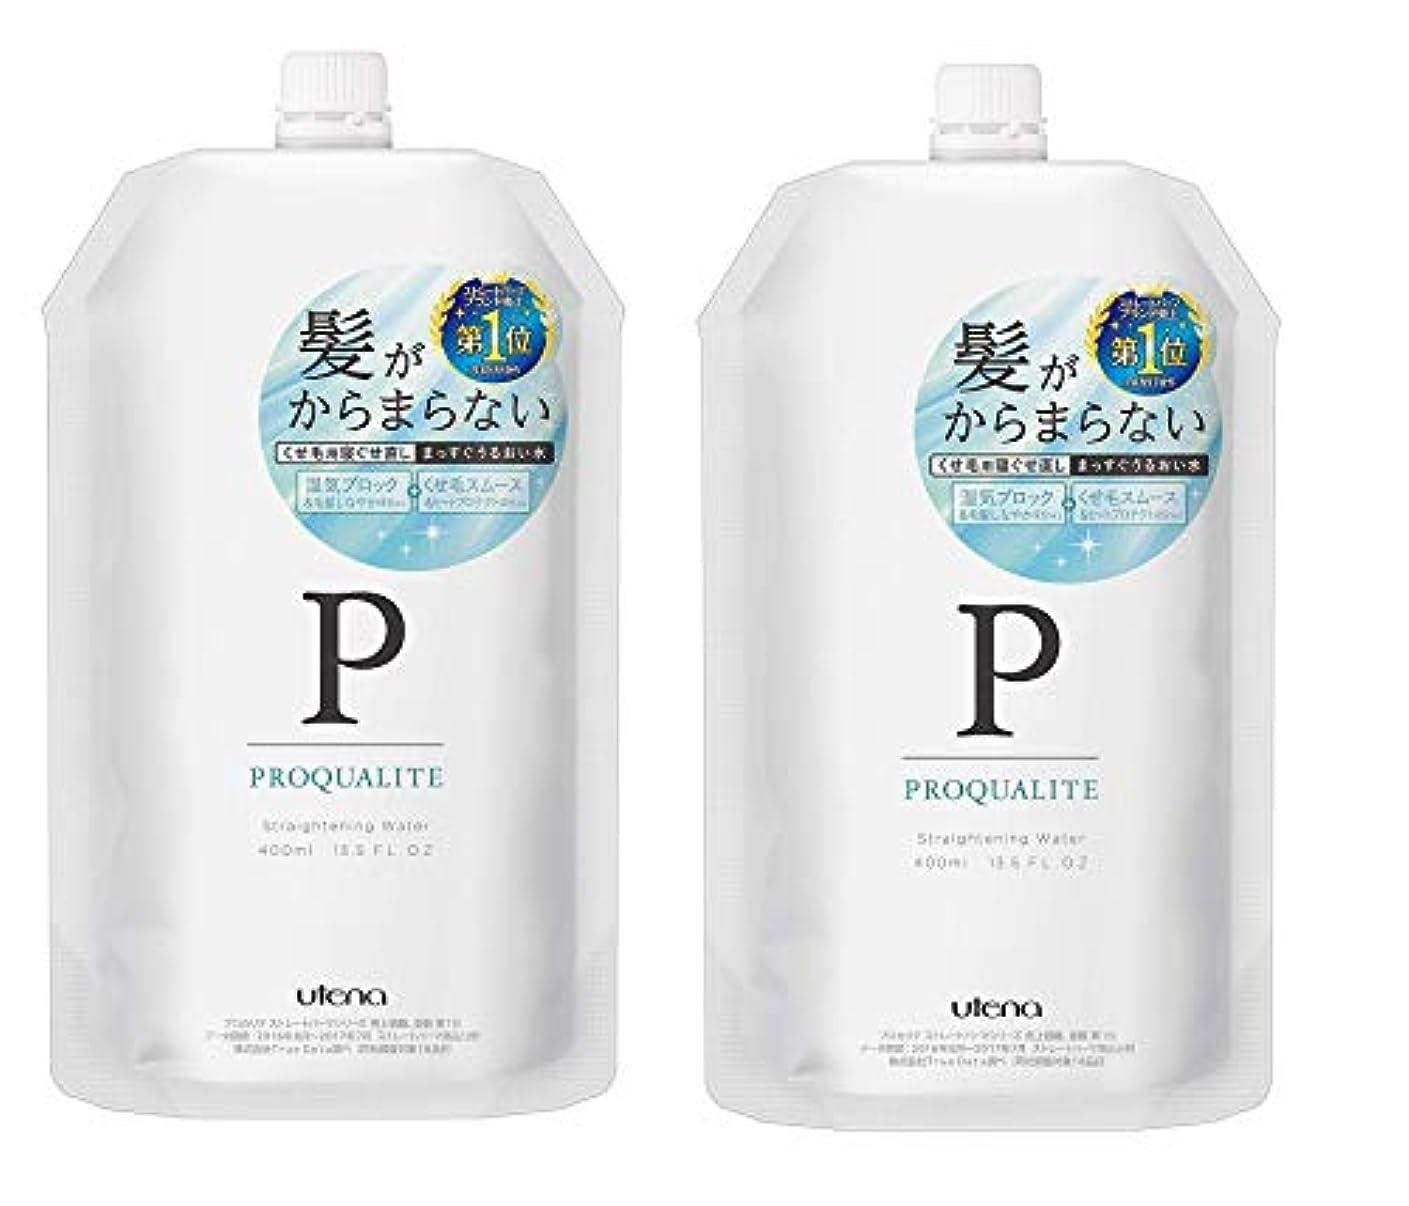 通常バッグ枯渇するプロカリテ まっすぐうるおい水(つめかえ用) 2個